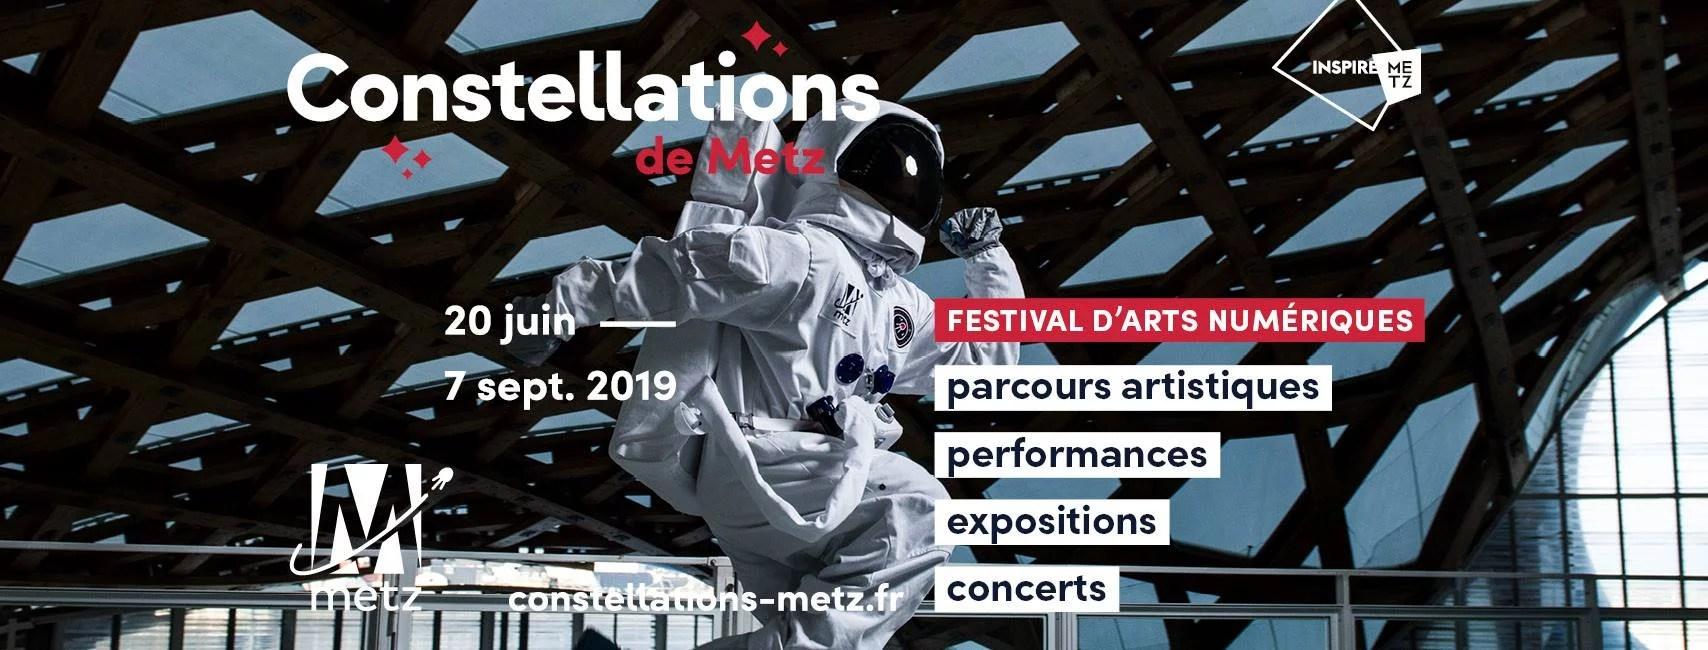 Festival constellations une idée sortie à Metz l'été